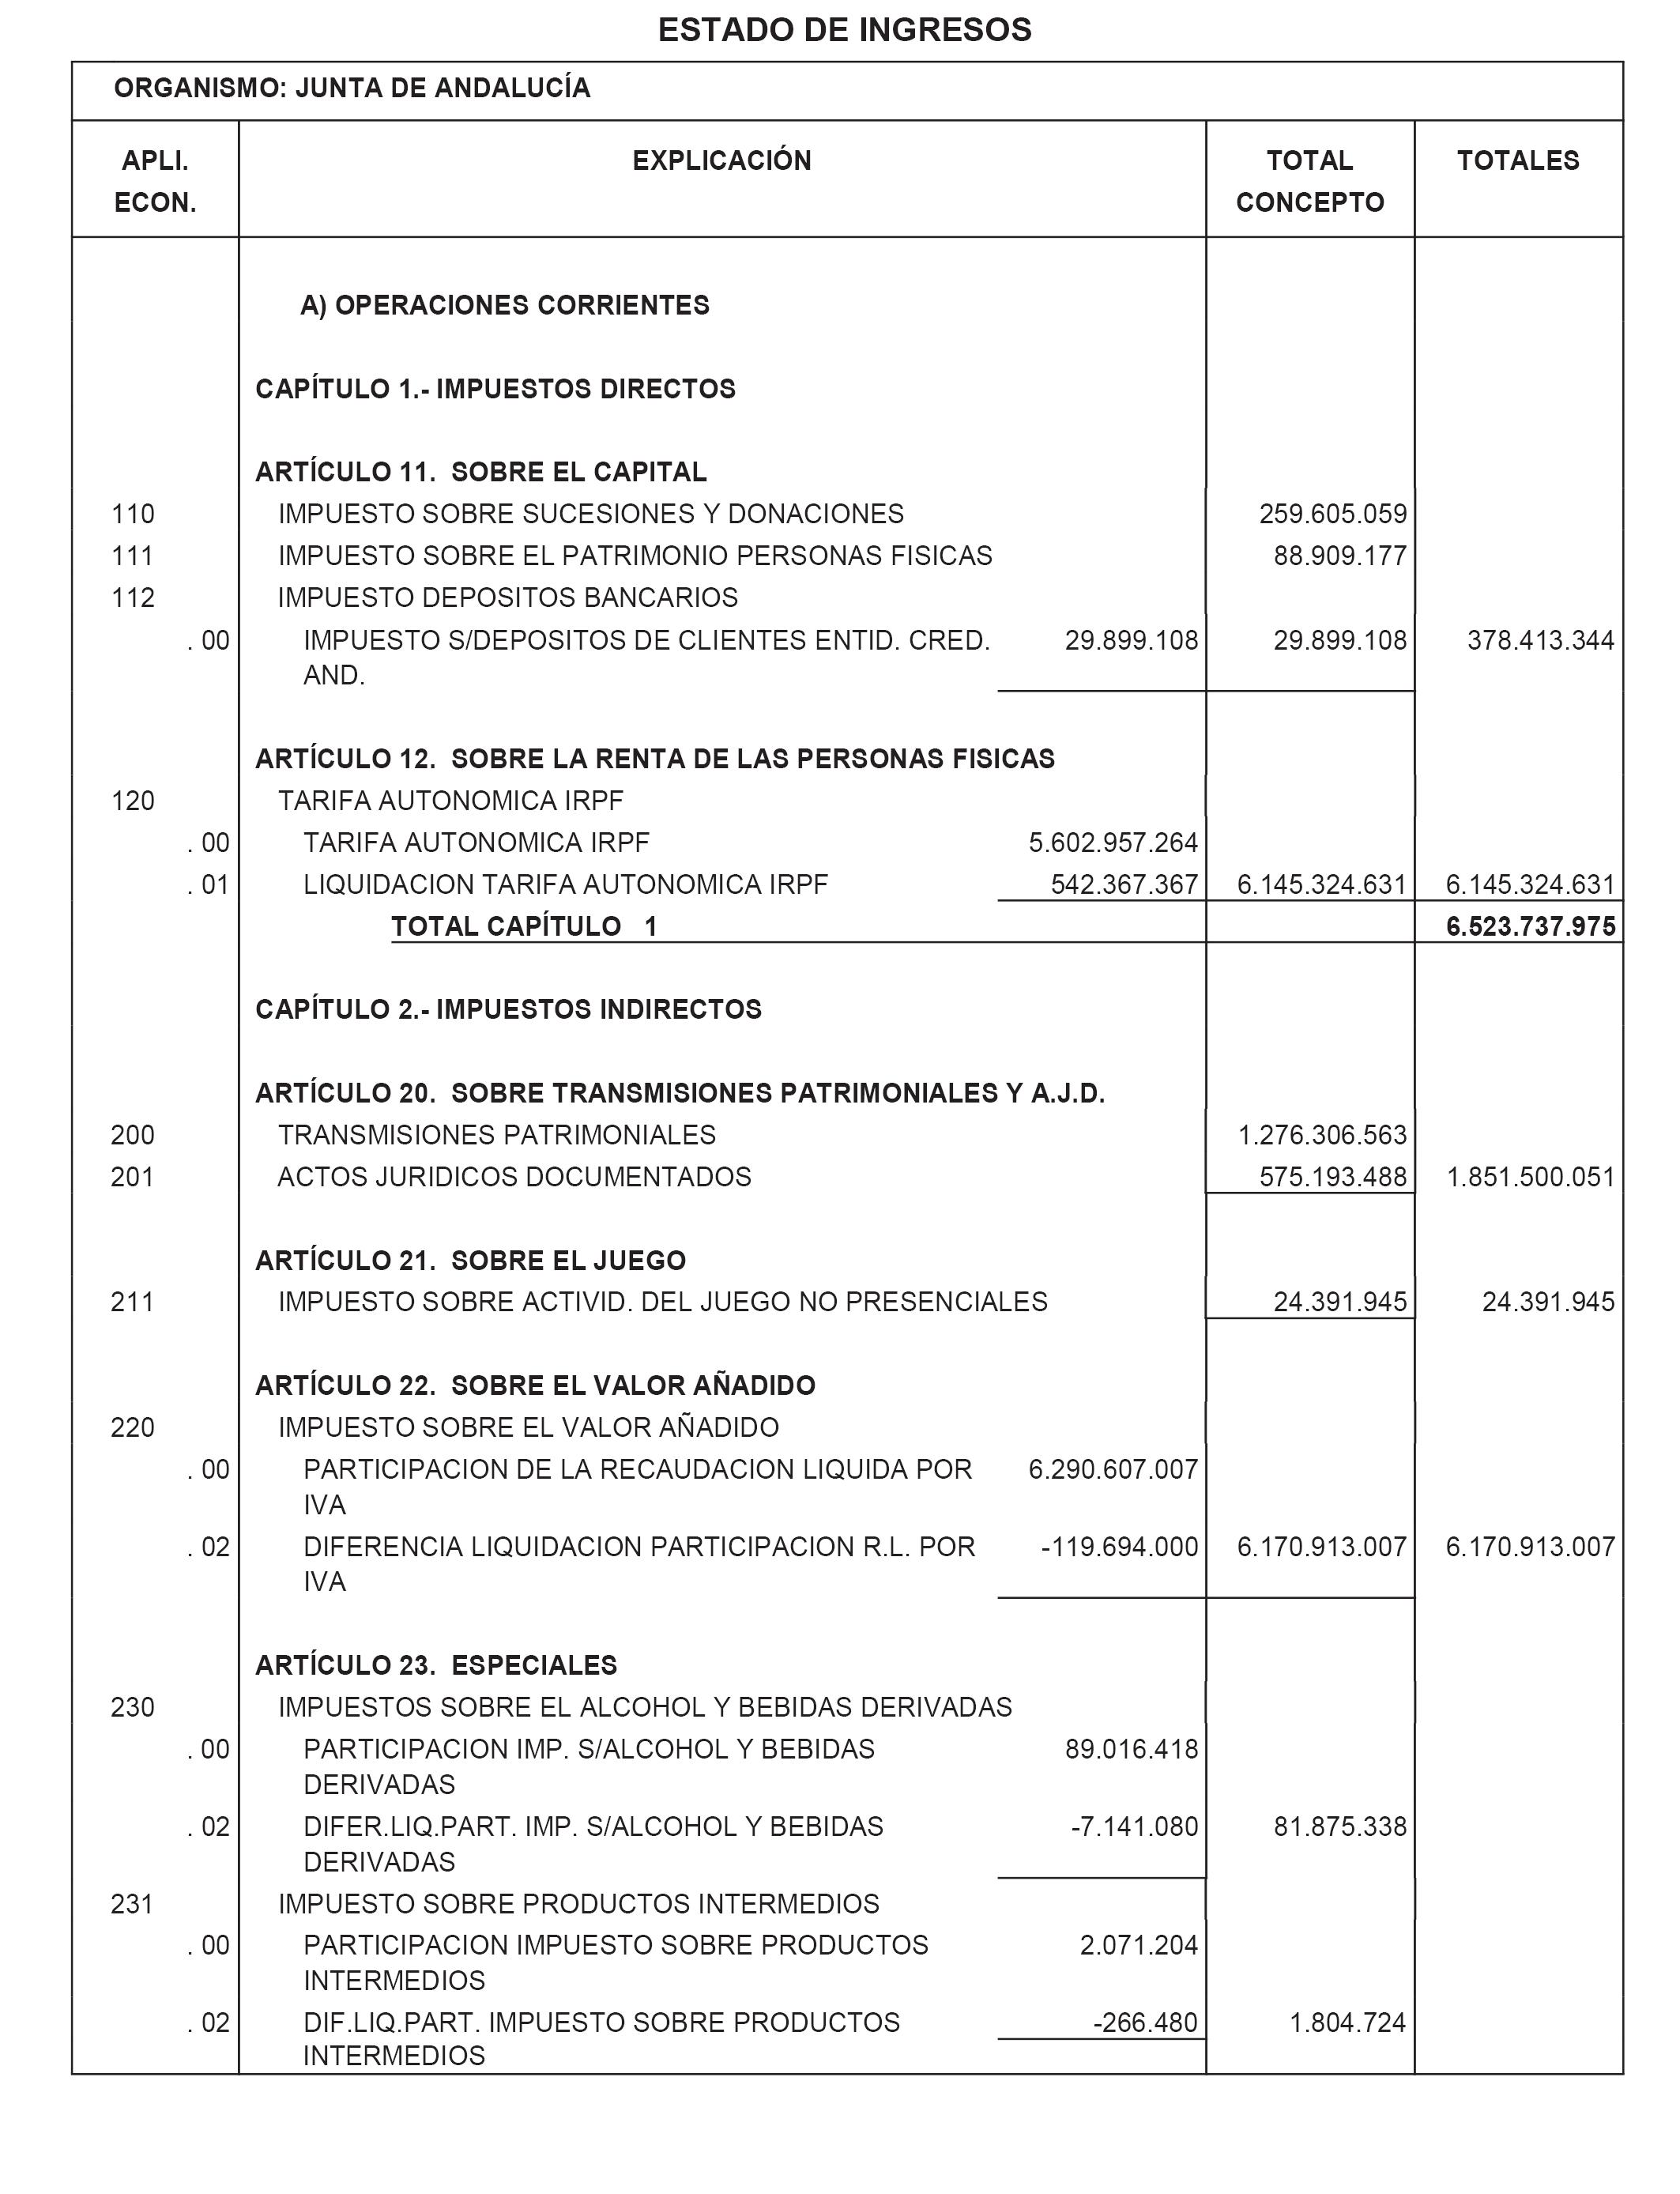 Boe Es Boe A 2020 1068 Ley 6 2019 De 19 De Diciembre Del Presupuesto De La Comunidad Autonoma De Andalucia Para El Ano 2020